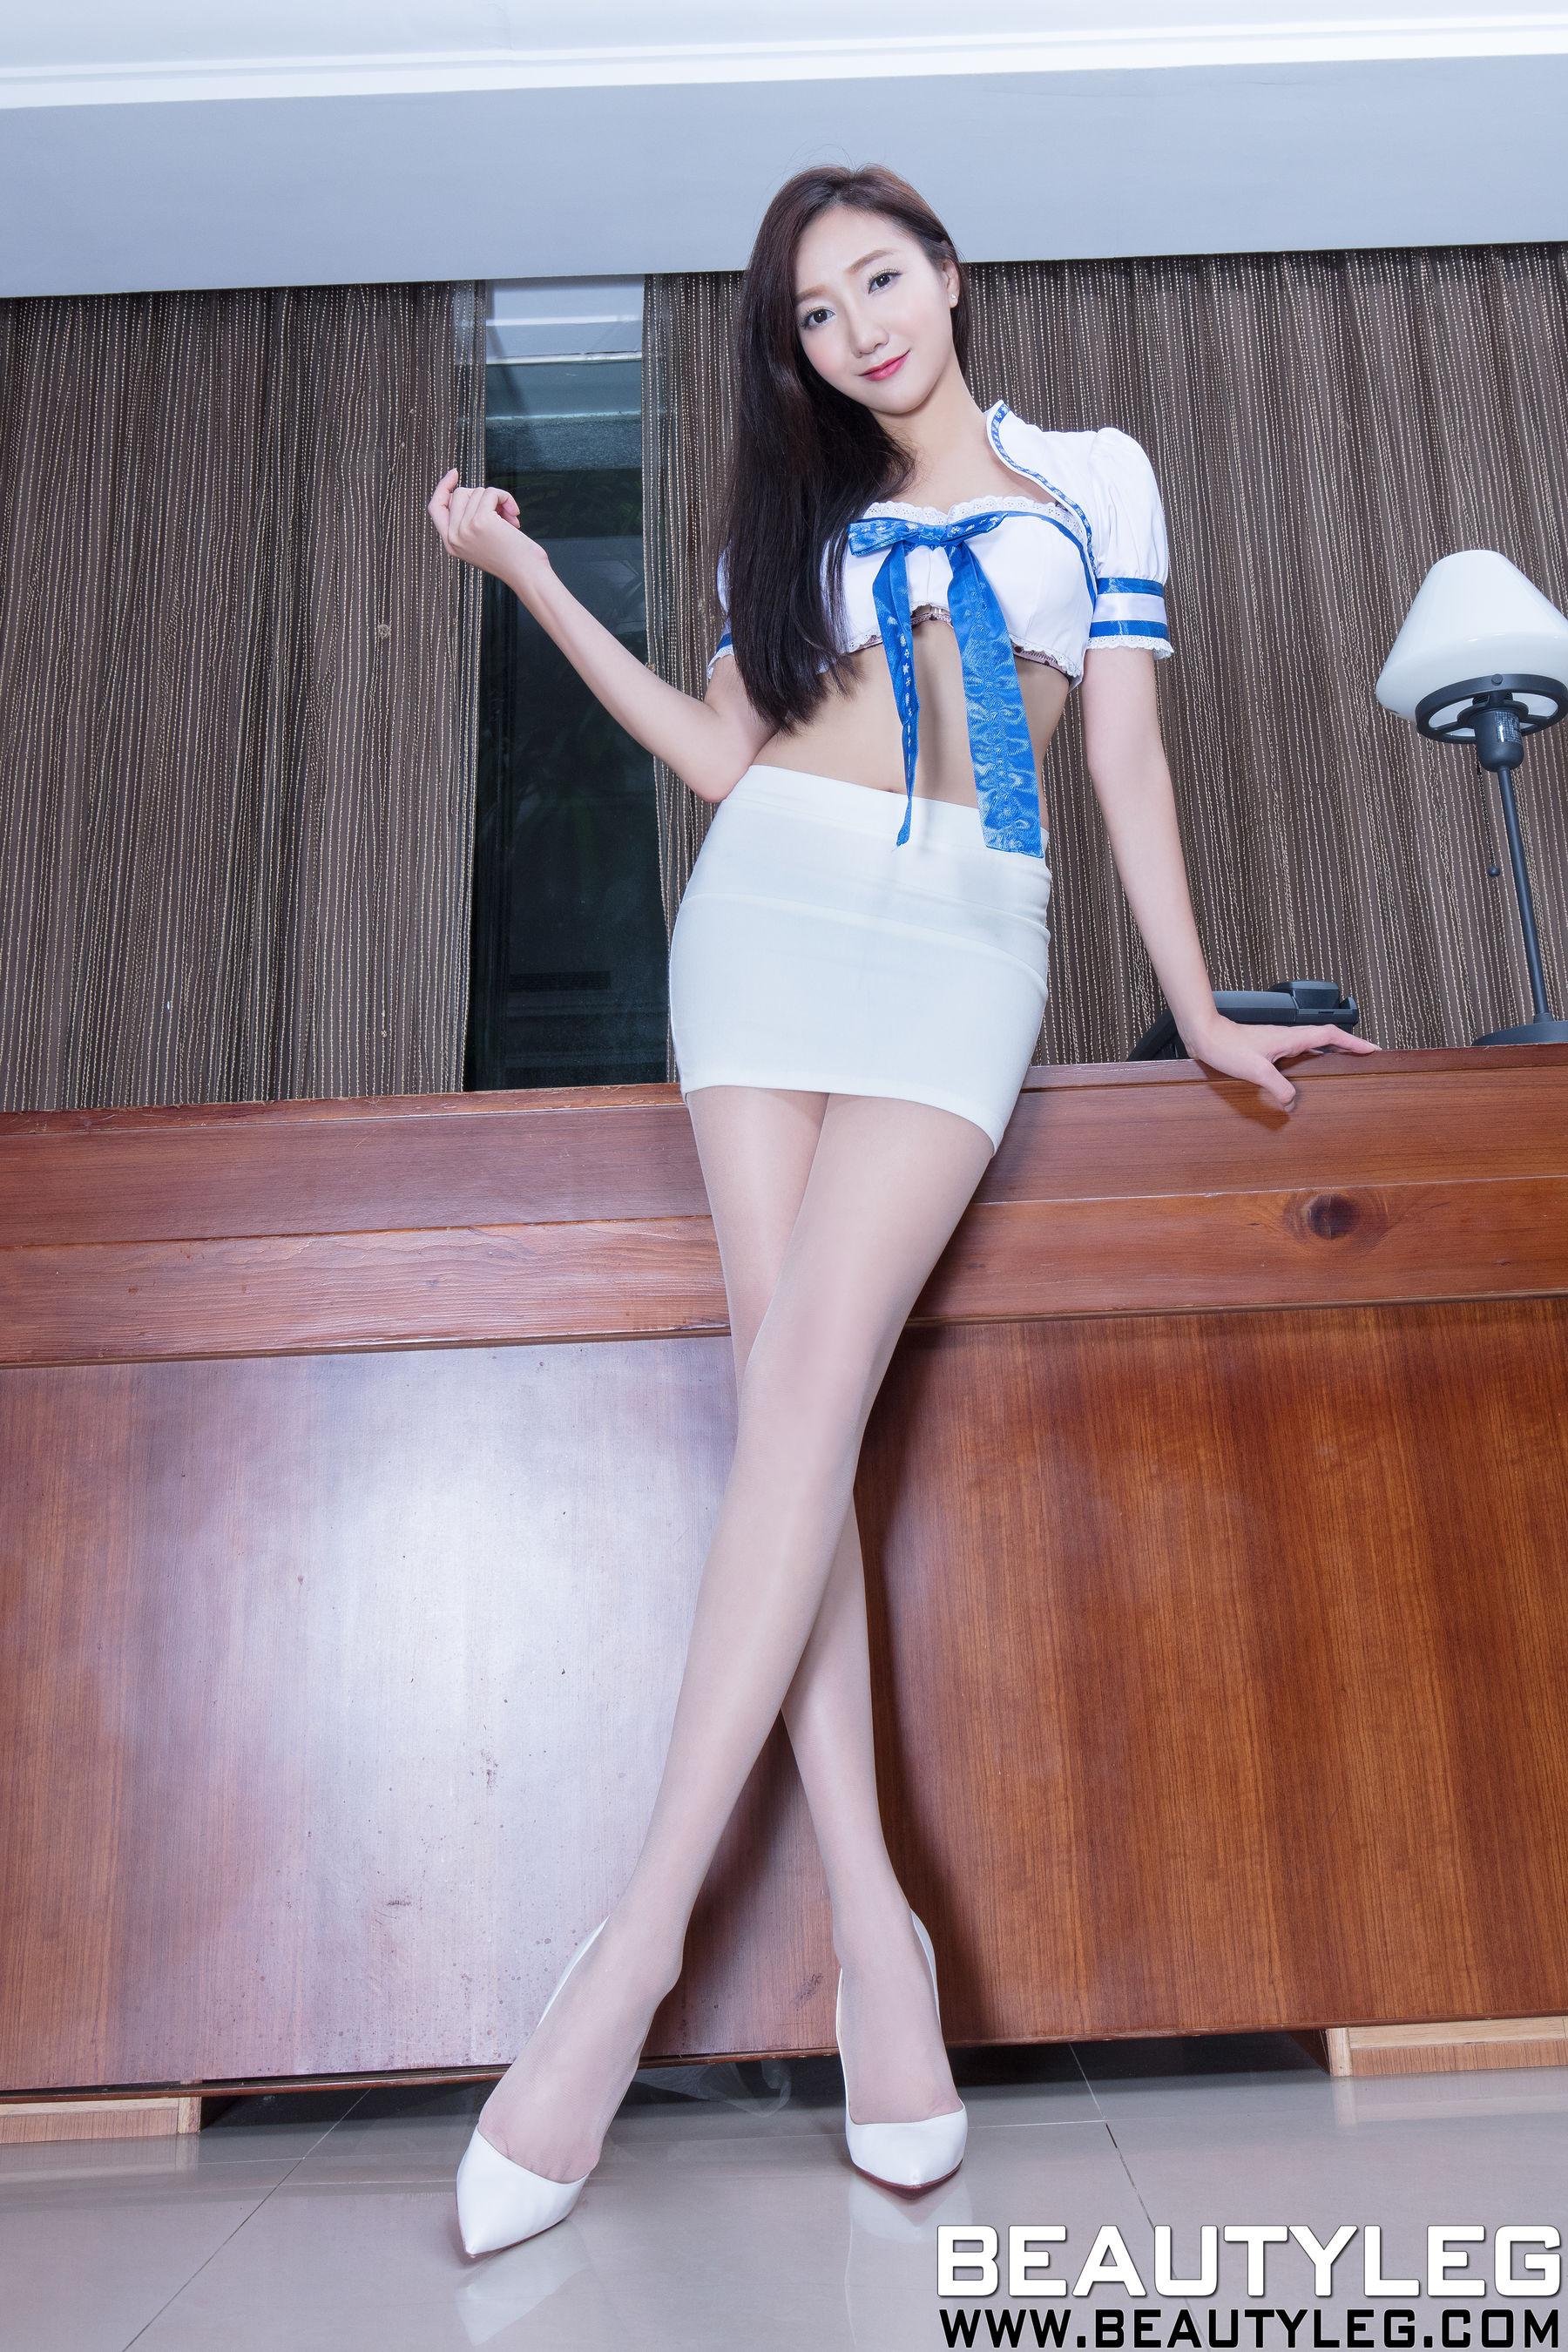 VOL.888 [Beautyleg]美腿包臀裙美女:陈思婷(腿模Tina,李霜)超高清个人性感漂亮大图(59P)